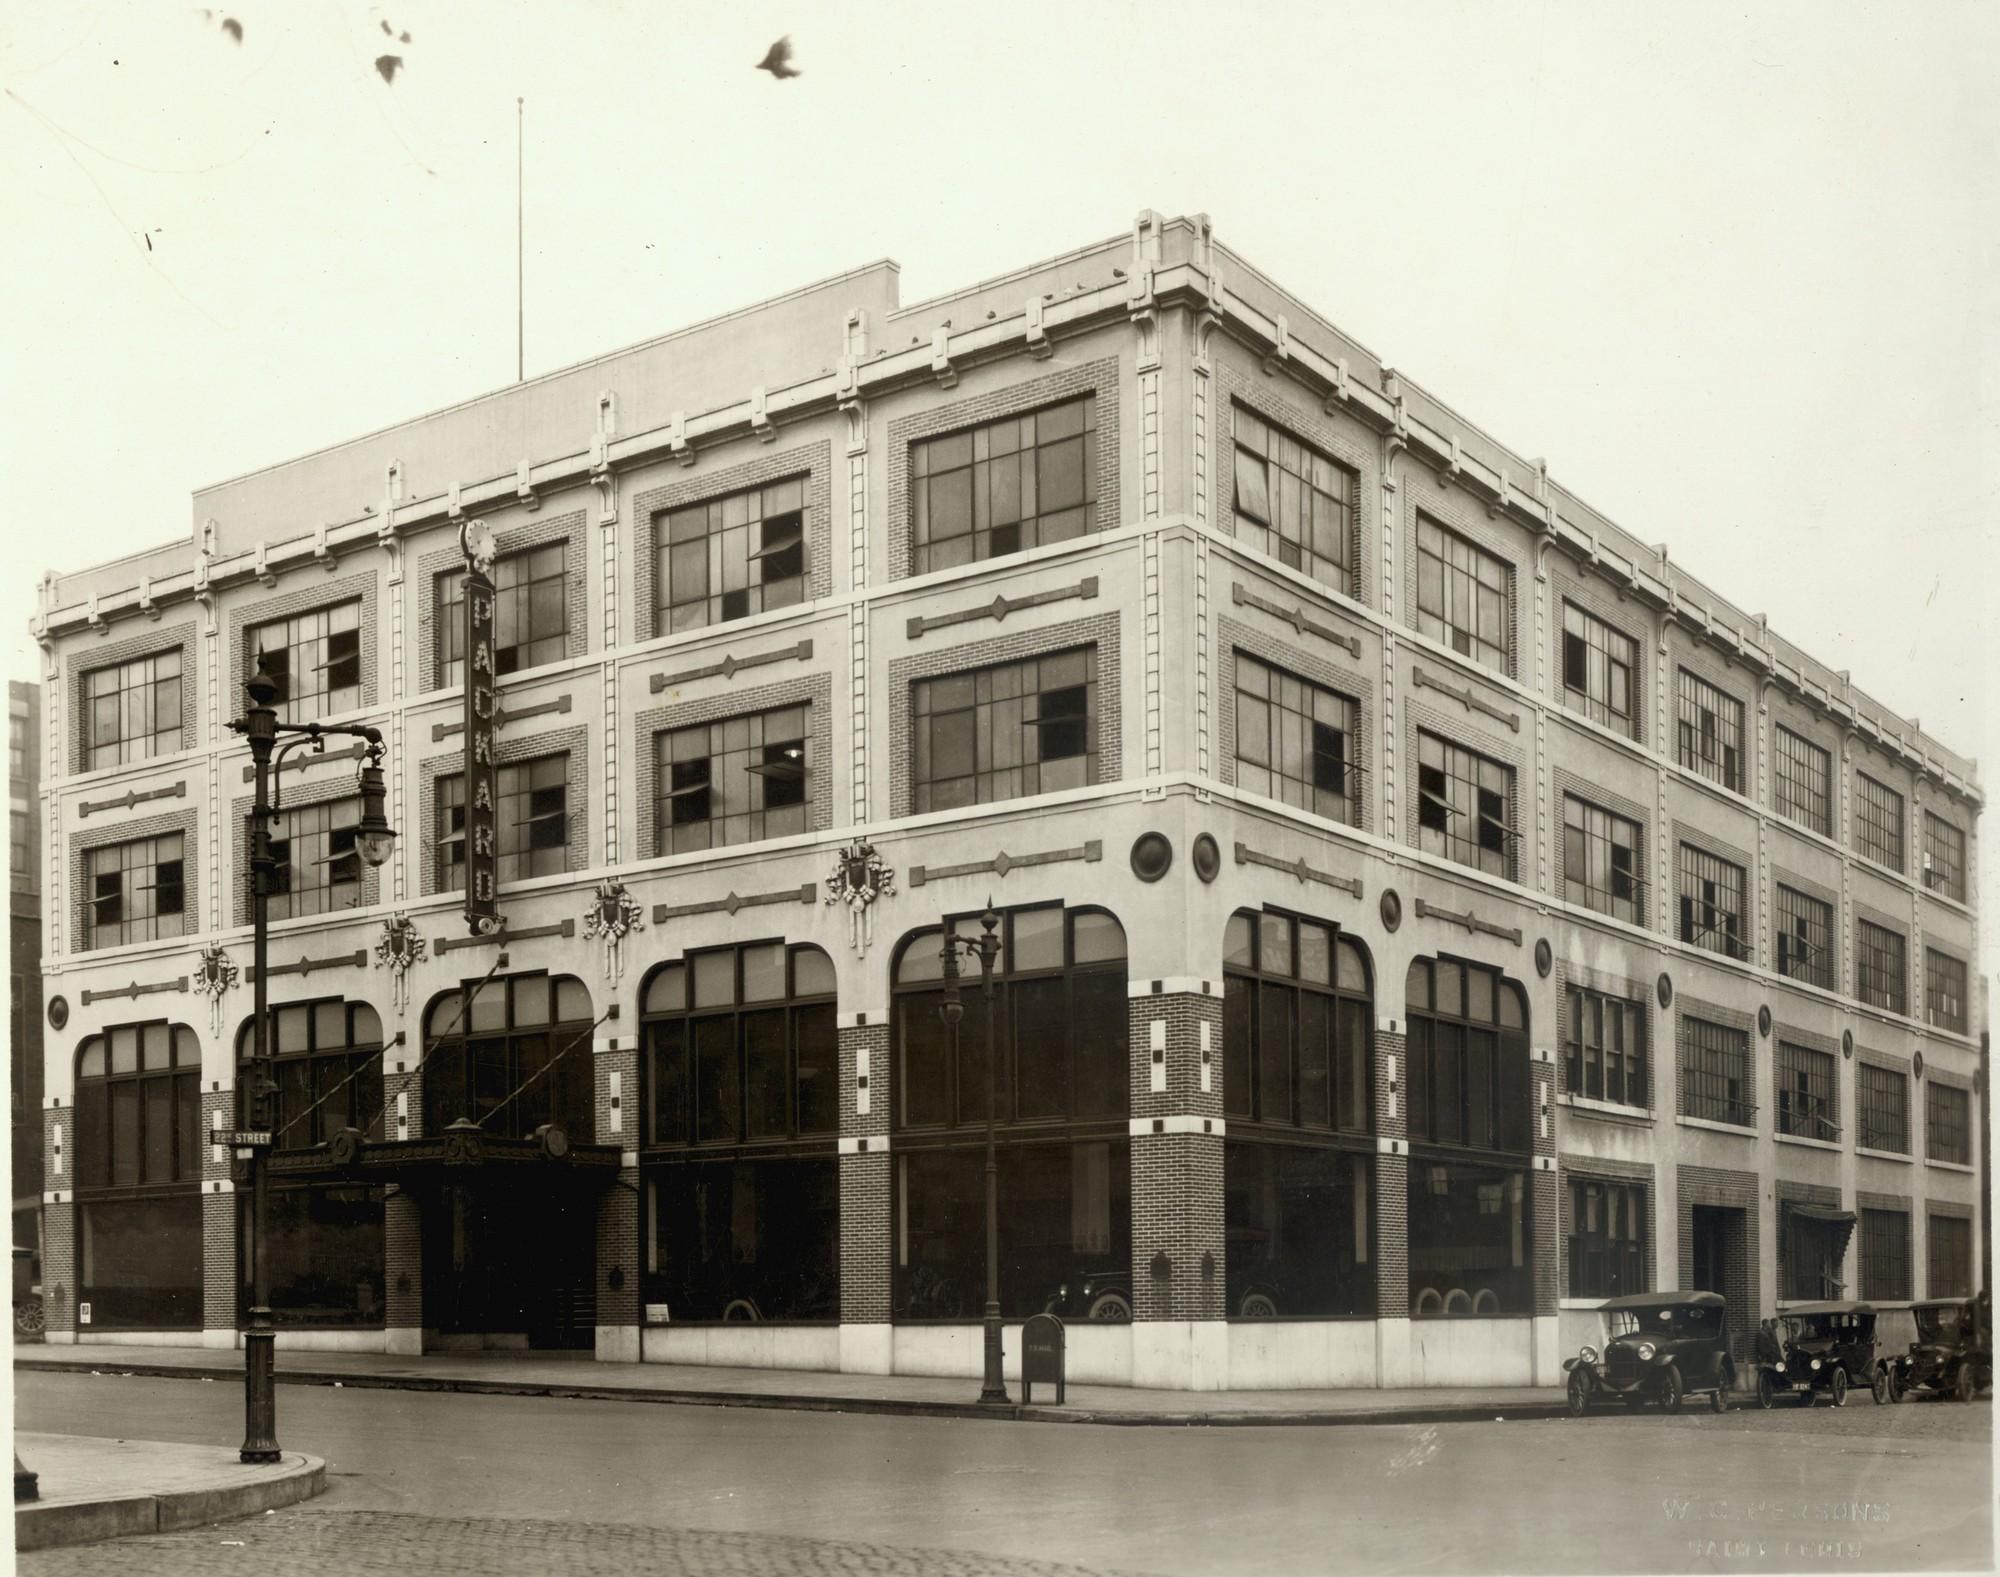 Packard Lofts